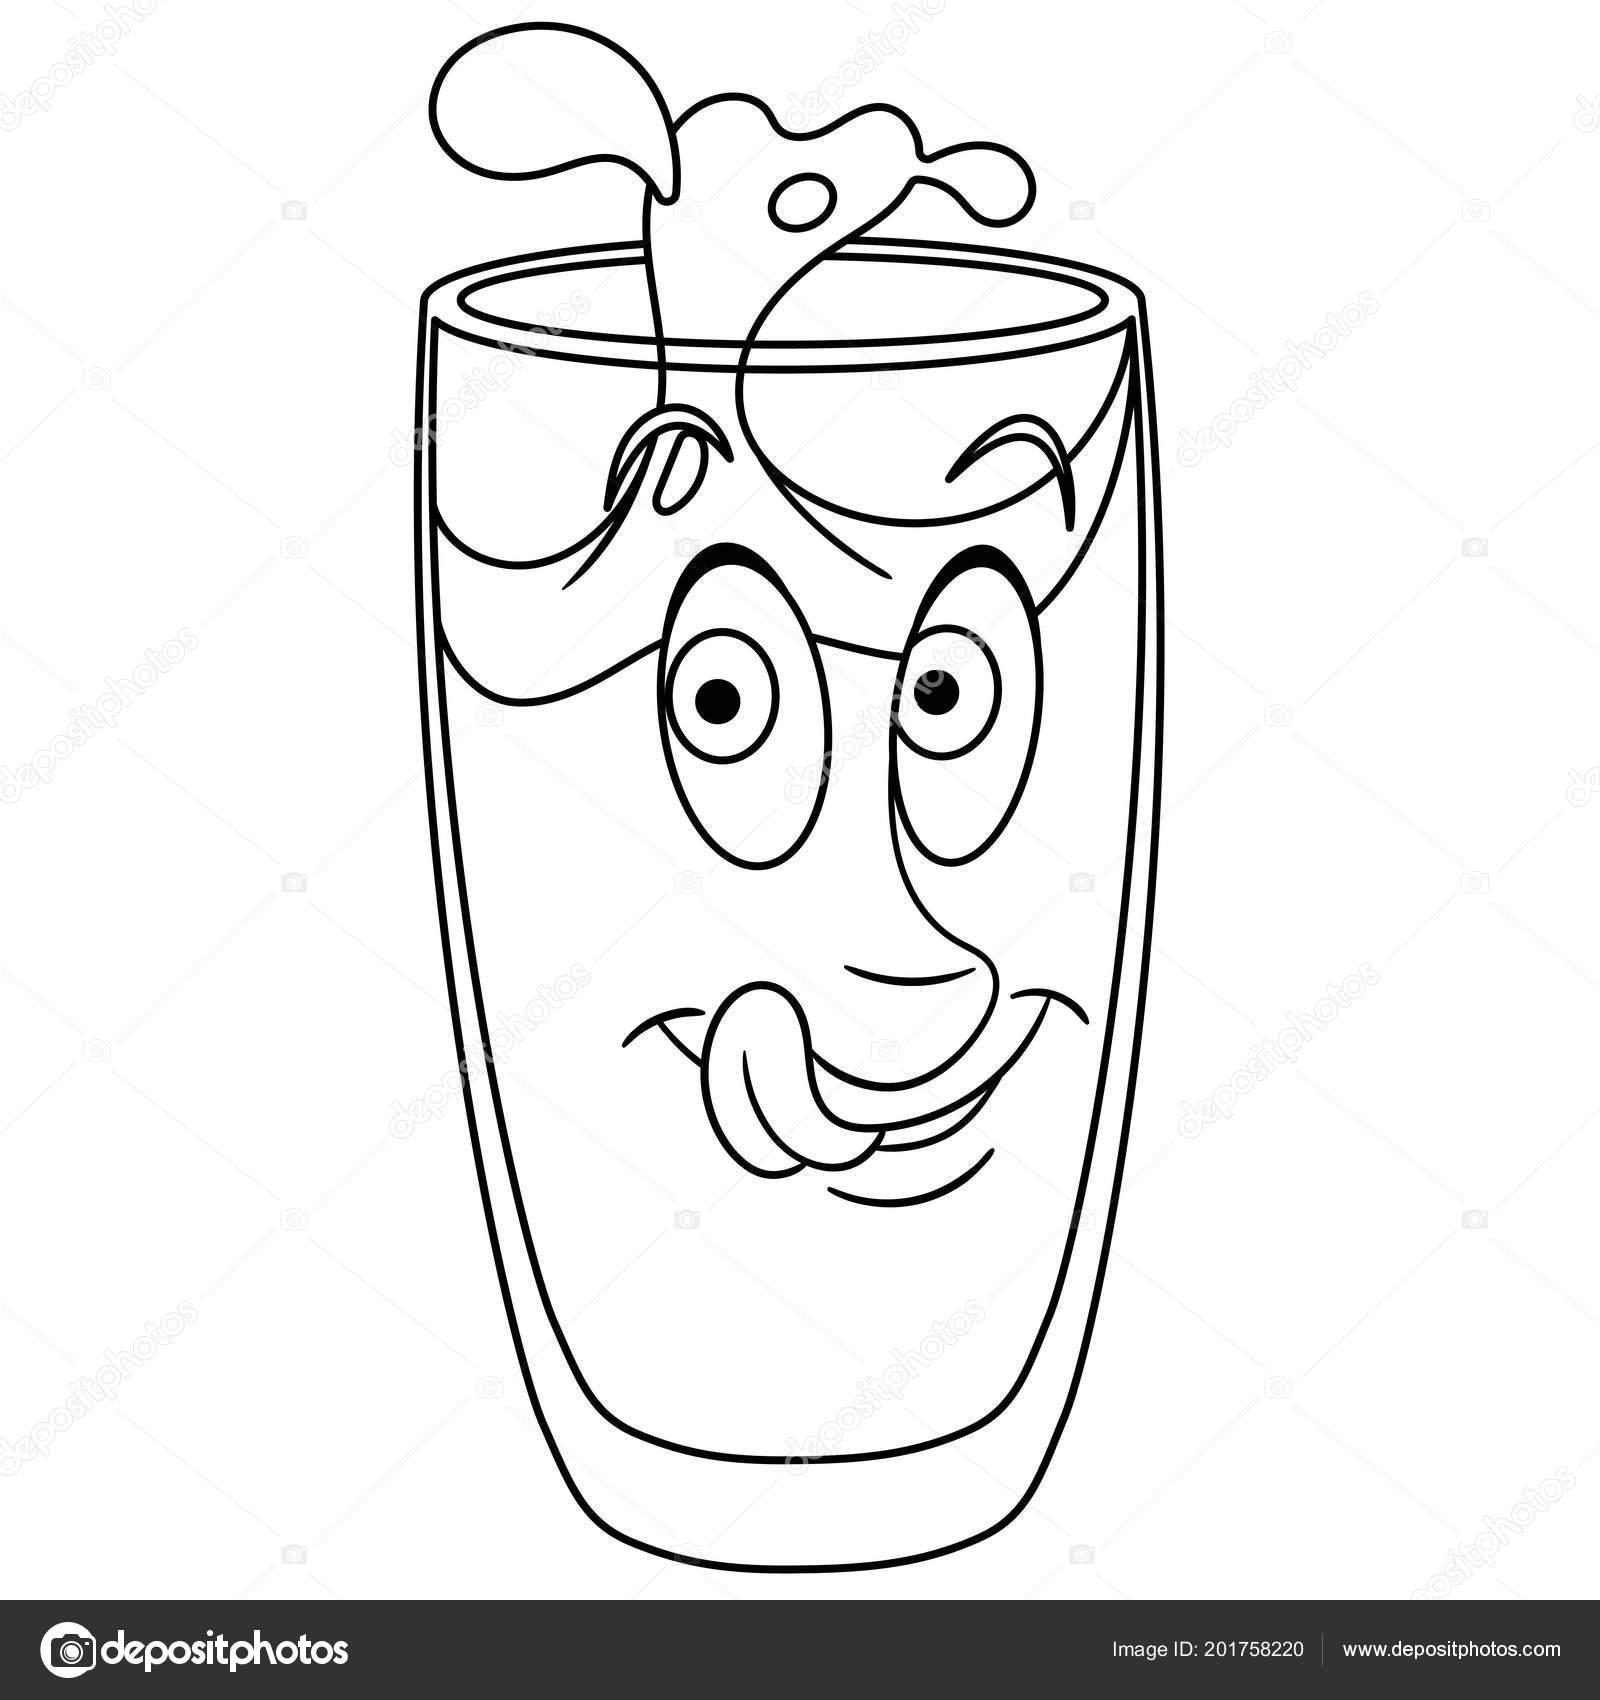 Pagina Para Colorir Livro Colorir Copo Agua Bebida